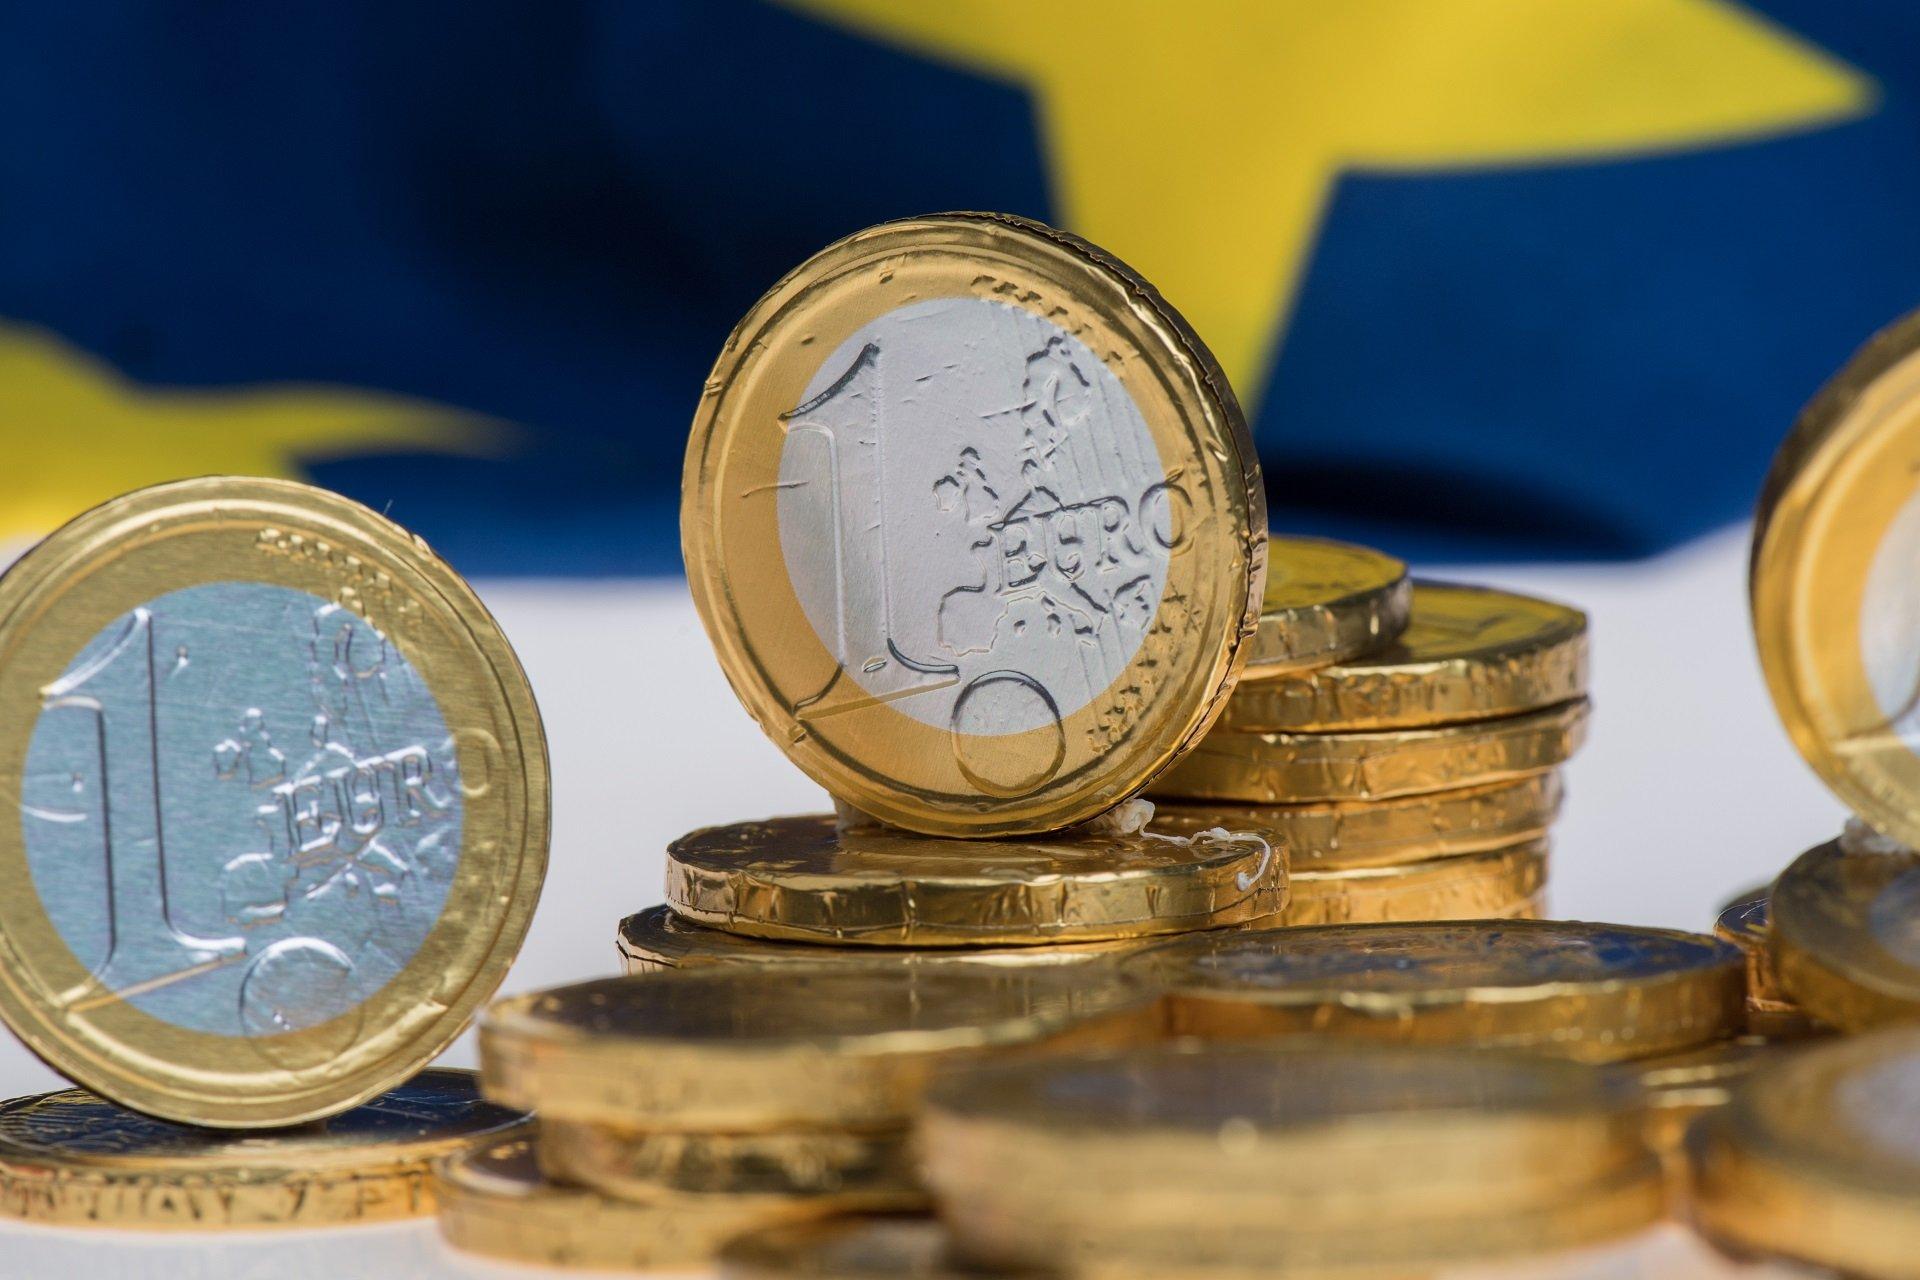 euro-coins-star